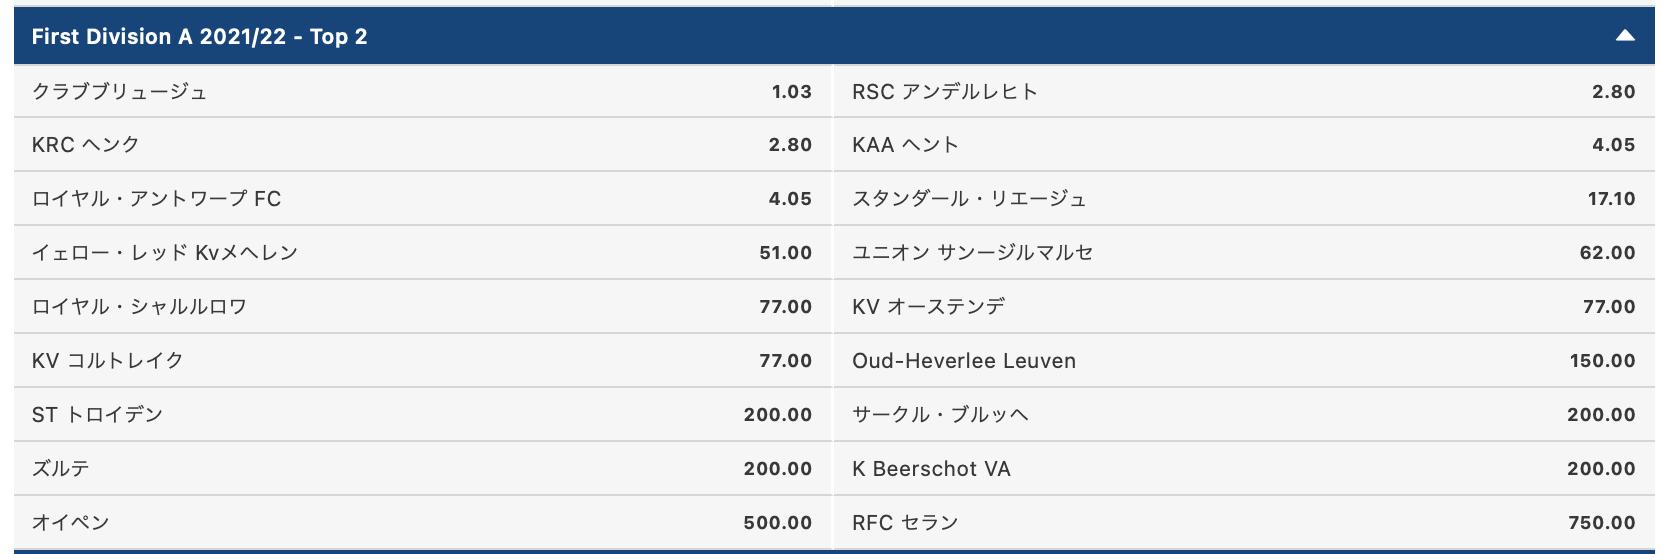 ベルギーリーグトップ2予想オッズ2021-22